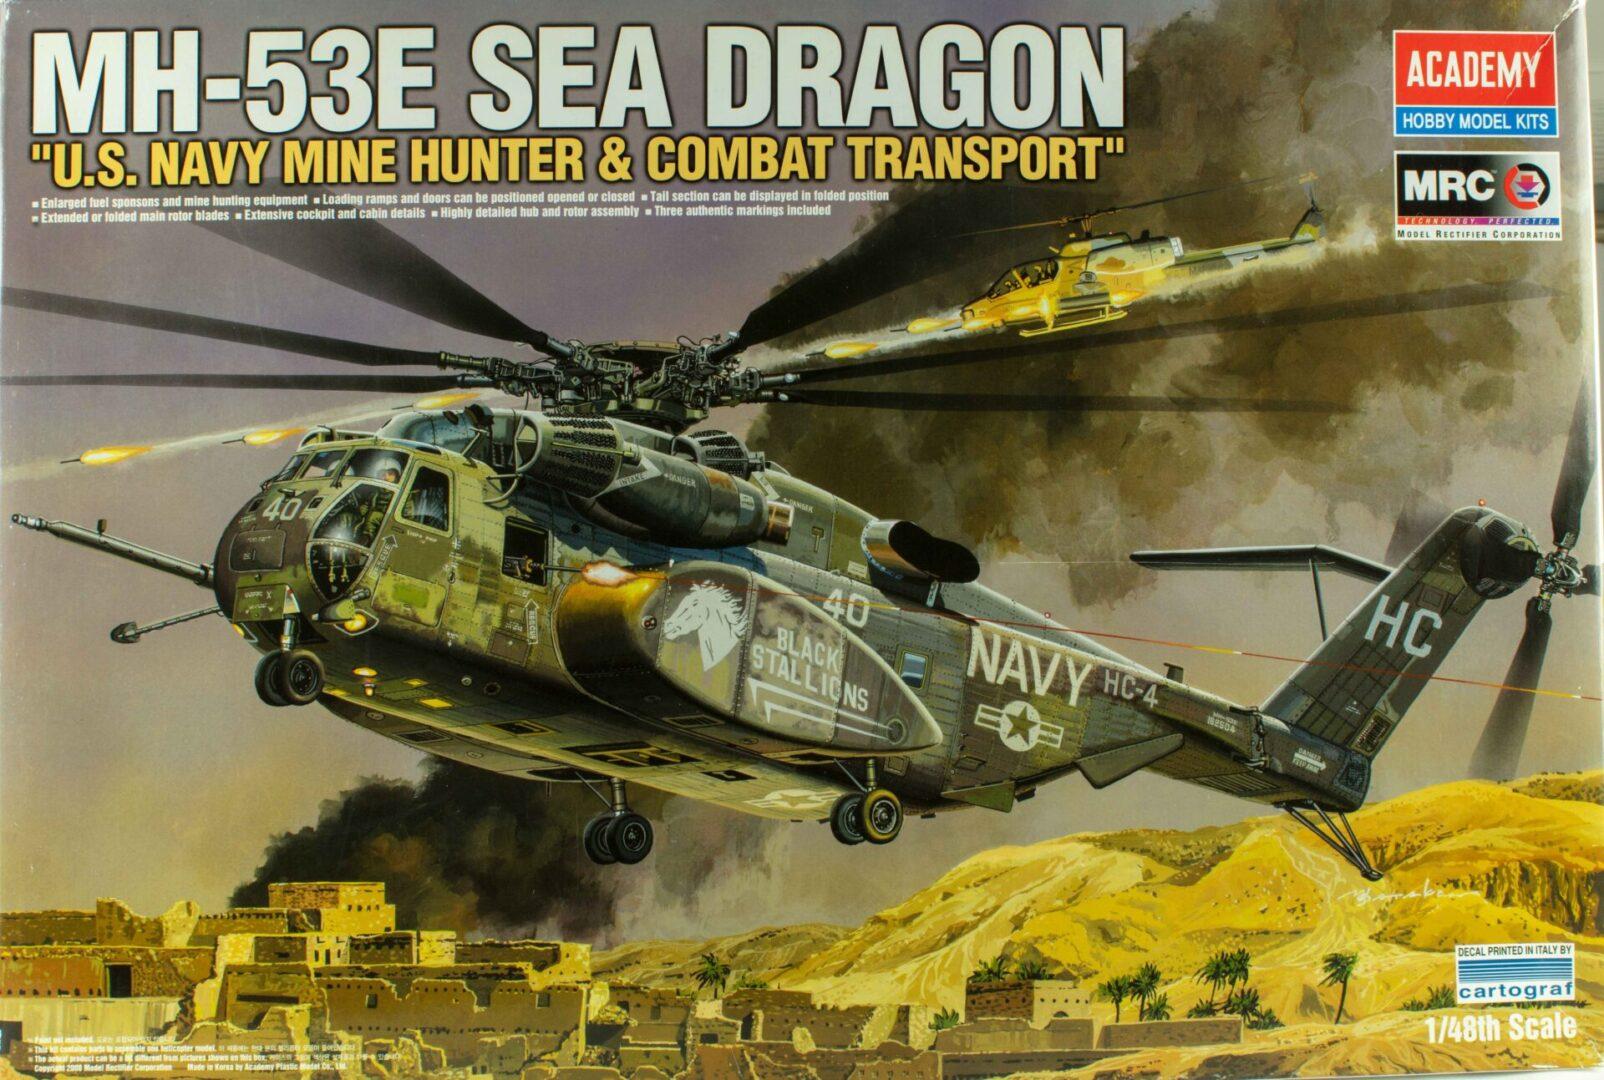 MH-53E-Box-Top-1